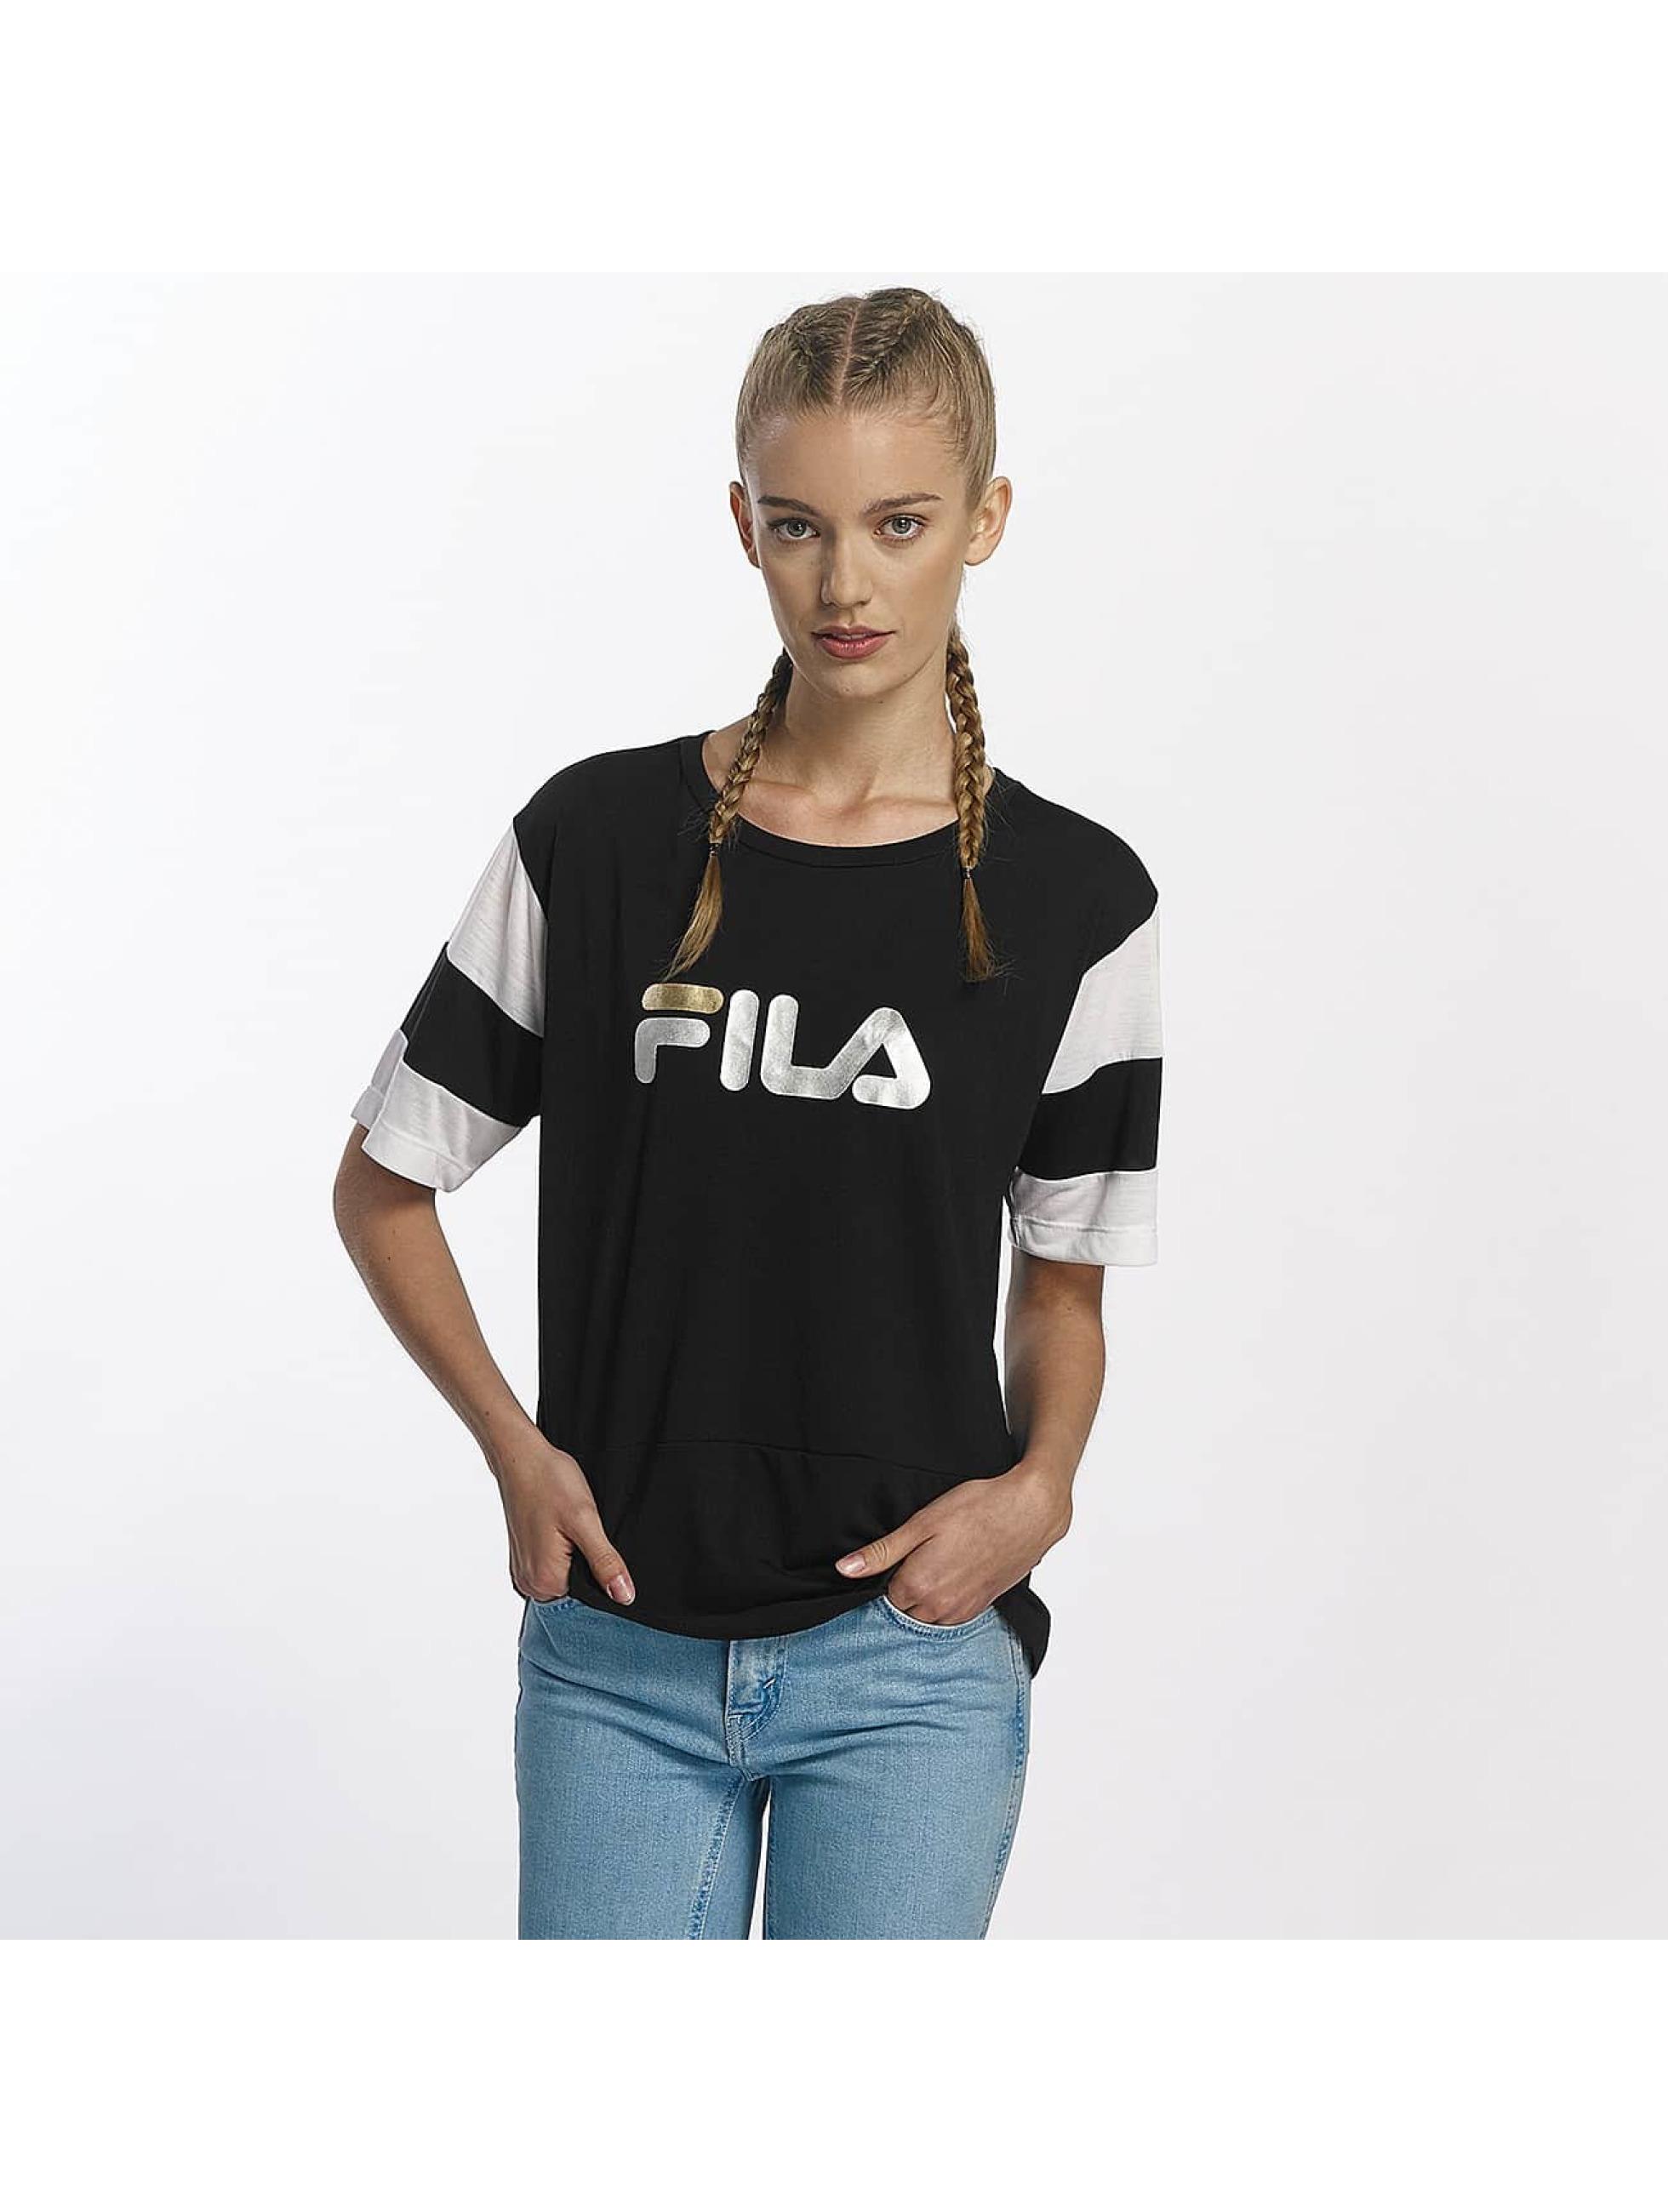 FILA Frauen T-Shirt Petite Isao Blocked in schwarz